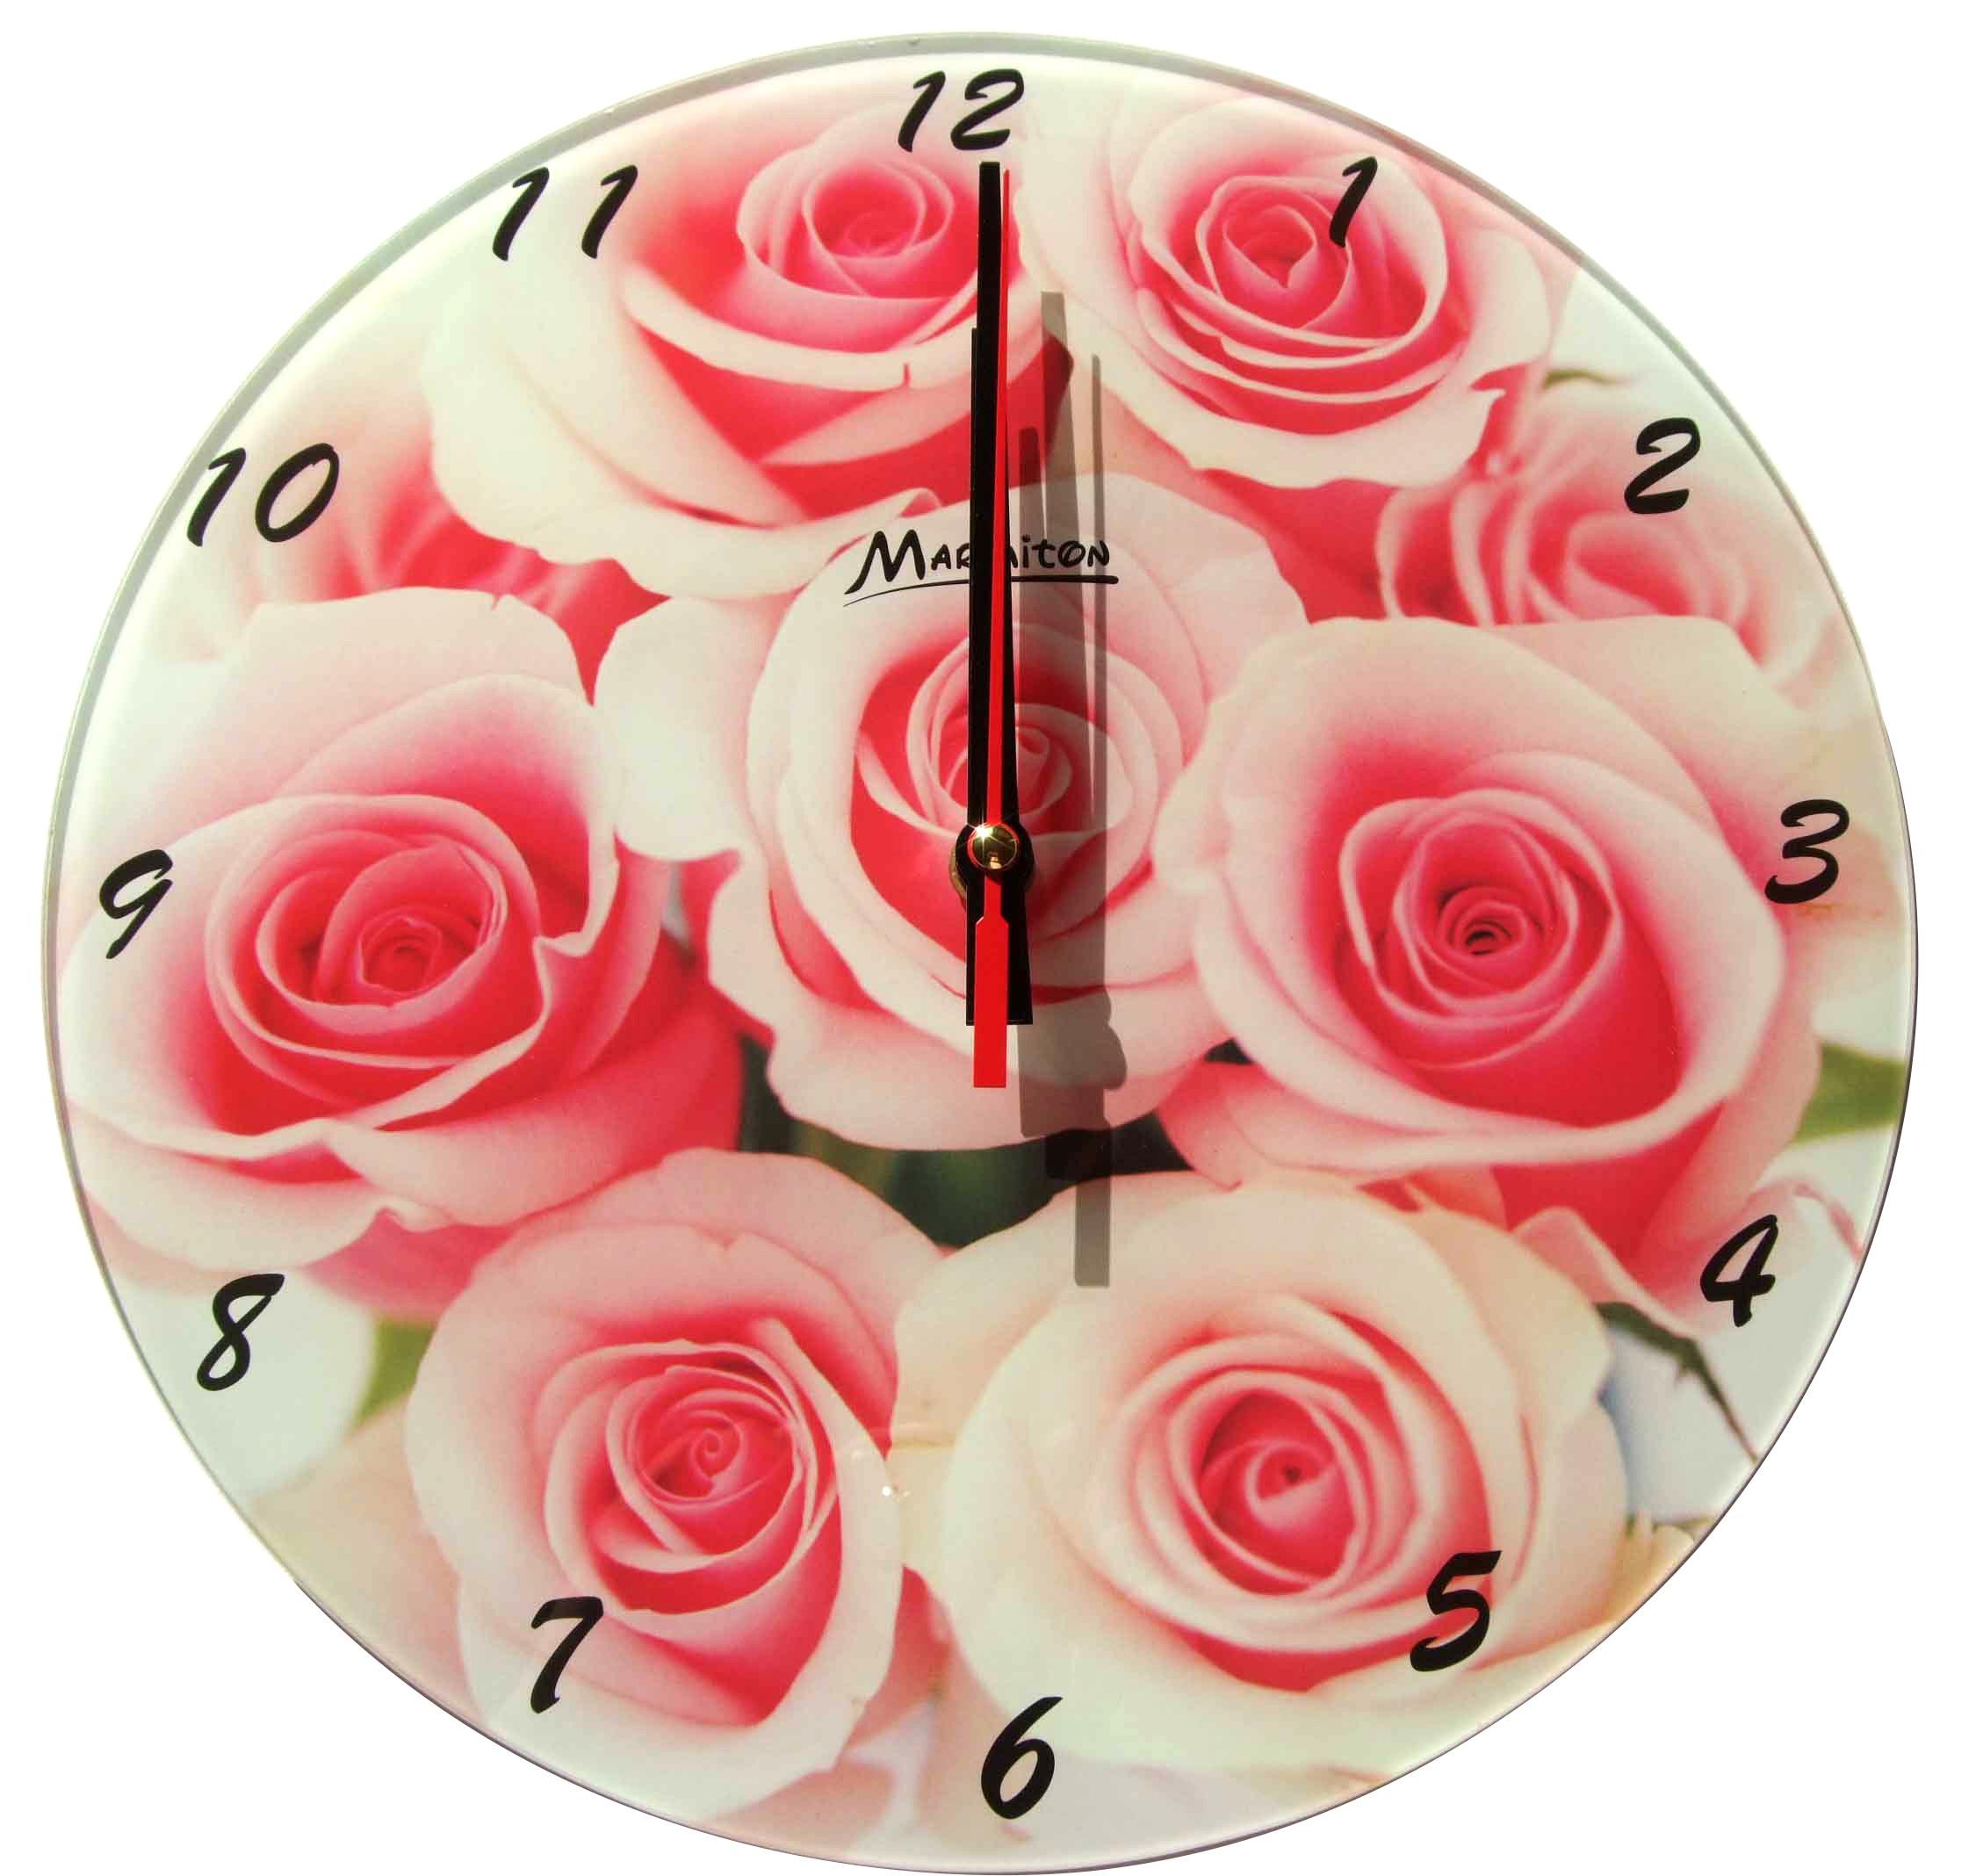 Настенные часы Still Seoul gc9830 30CM